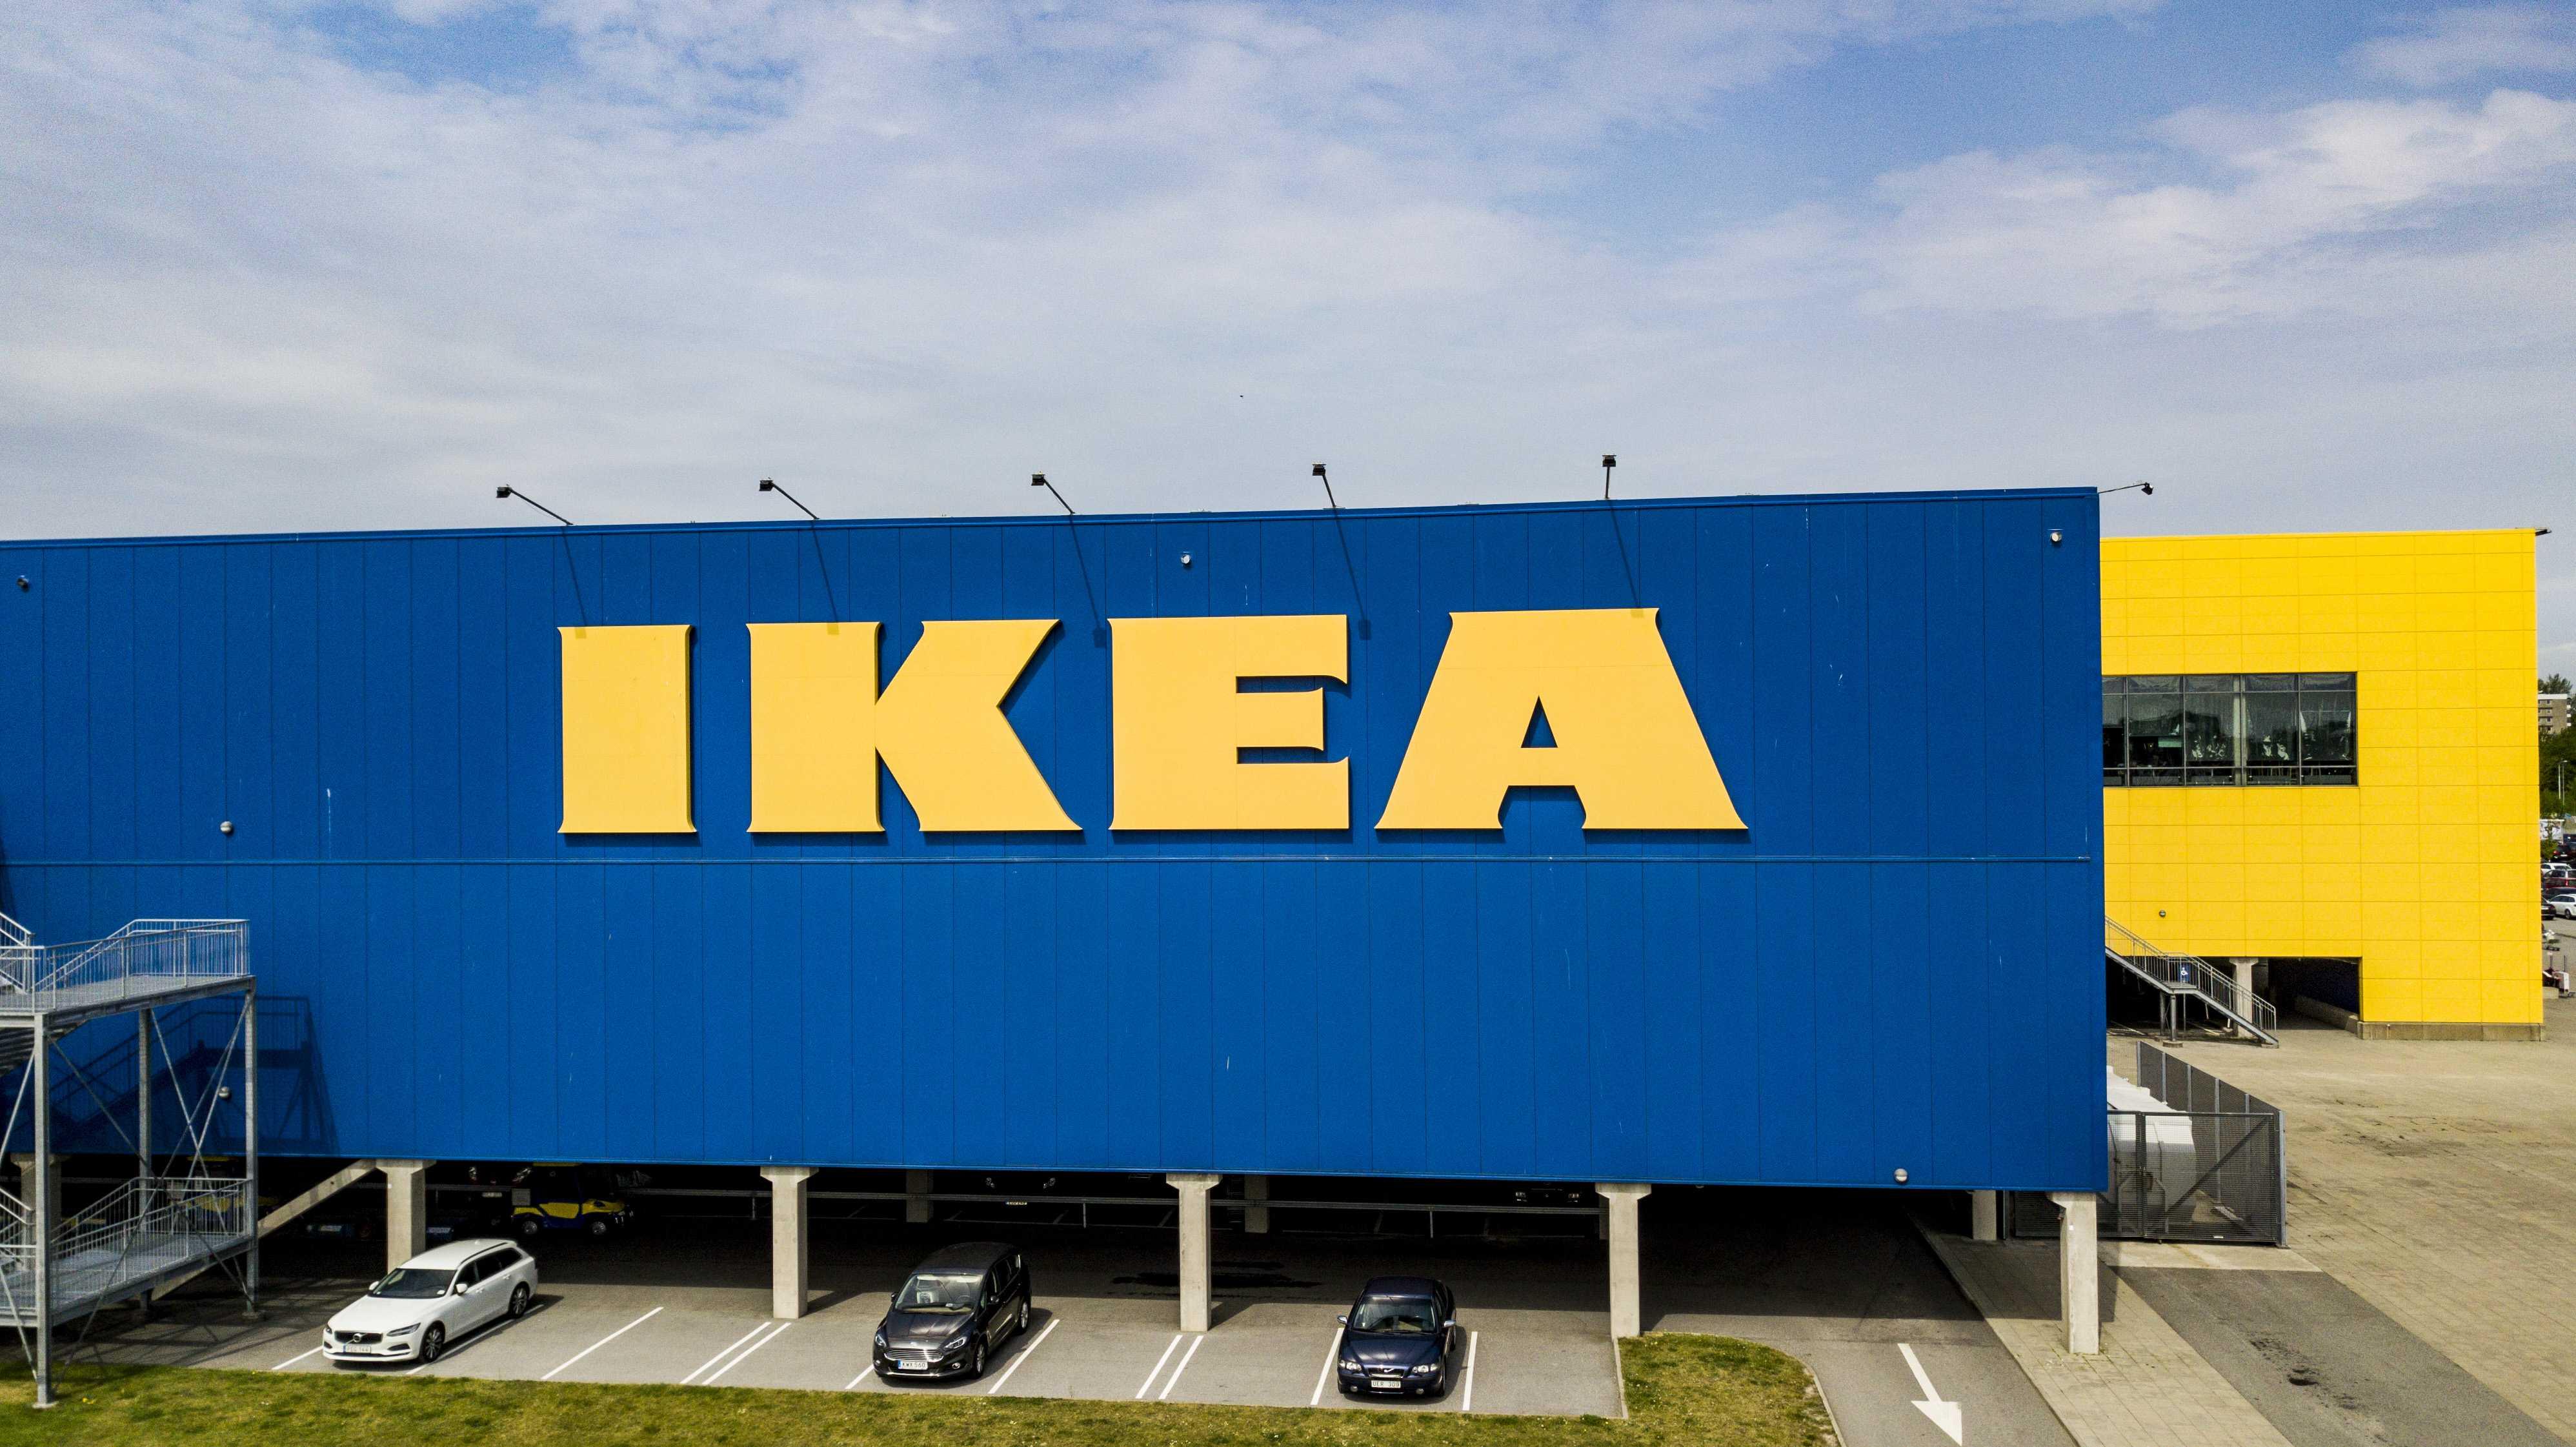 Ikea padova una coppia denuncia discriminazione per figlio autistico - Ikea padova tappeti ...